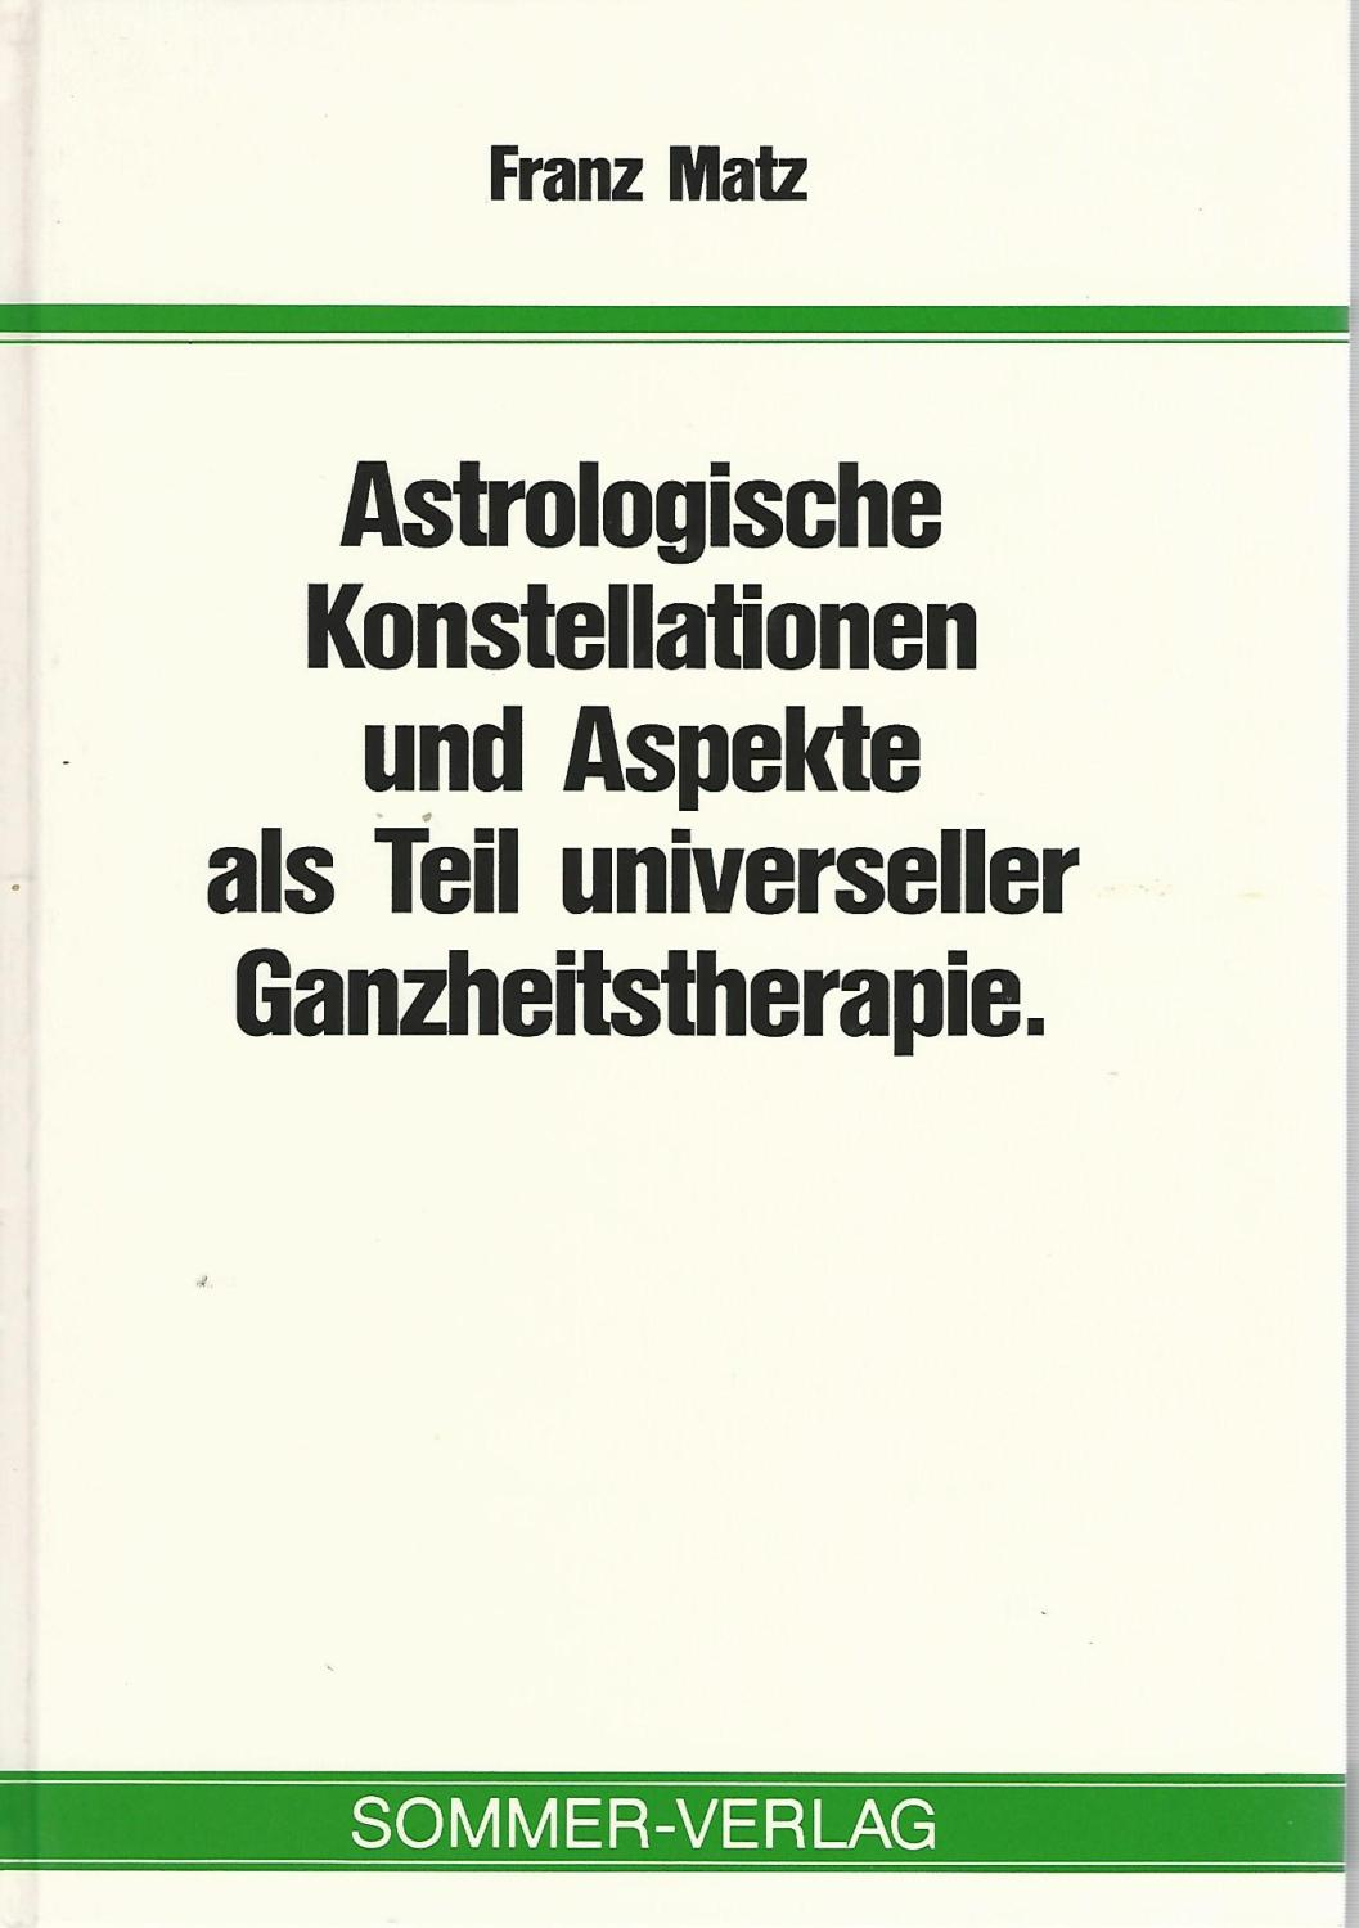 Astrologische Konstellationen und Aspekte als Teil universeller: Matz, Franz: